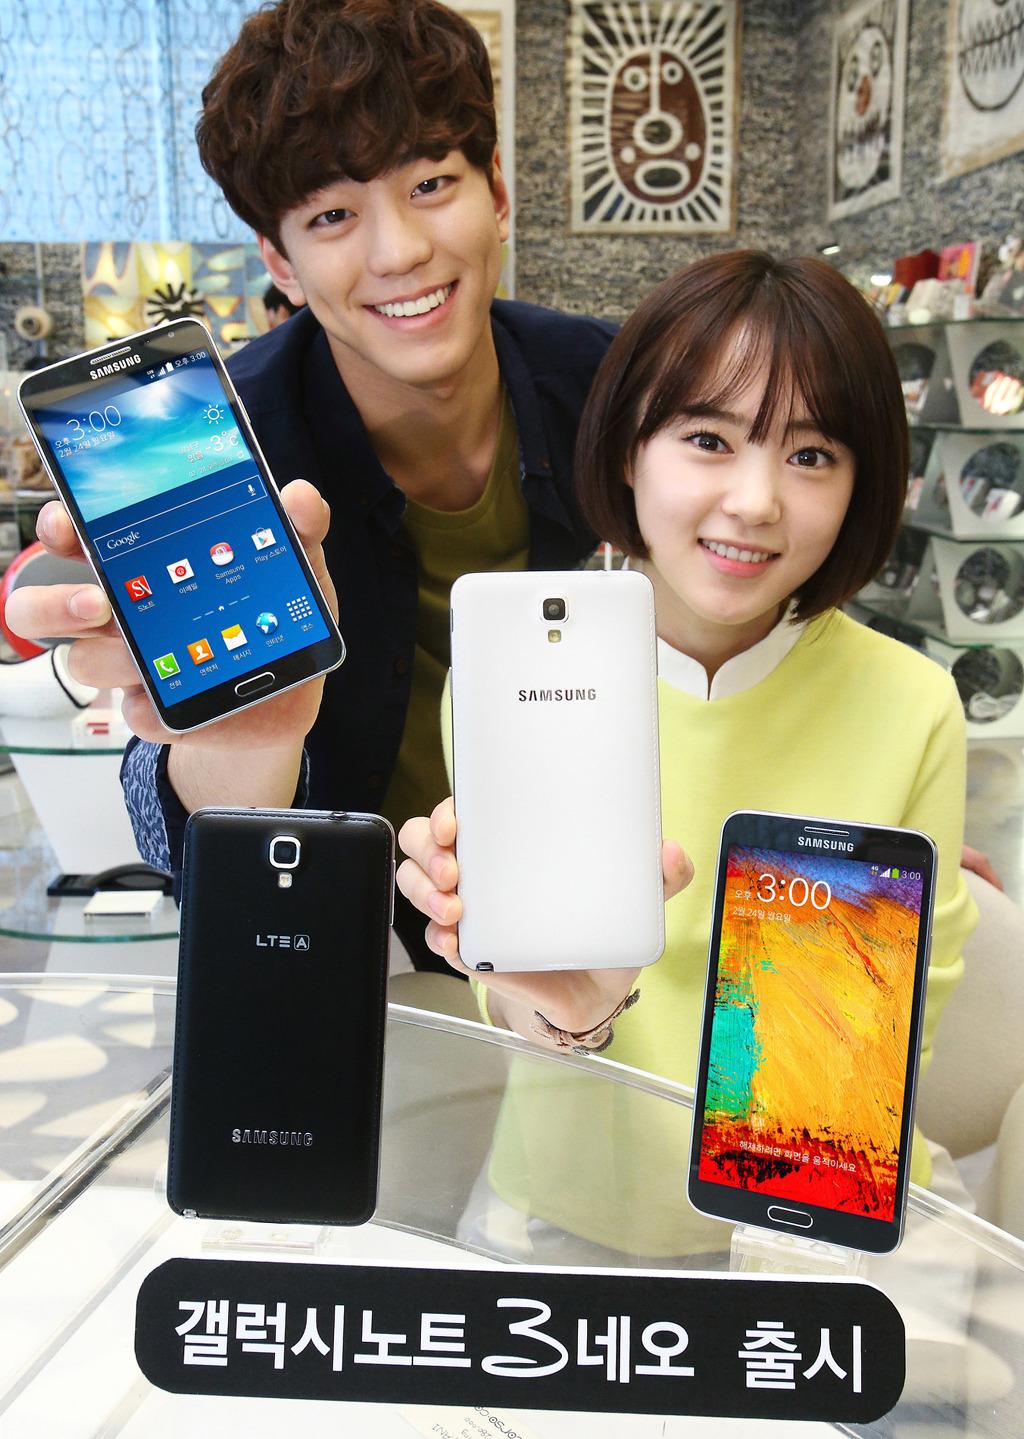 삼성, 삼성전자, 갤럭시 노트, 갤럭시 노트3, 갤럭시 노트3 네오, 갤럭시노트3네오, galaxy note 3 neo, samsung, MWC 2014, 보급형 스마트폰, 저렴한 스마트폰